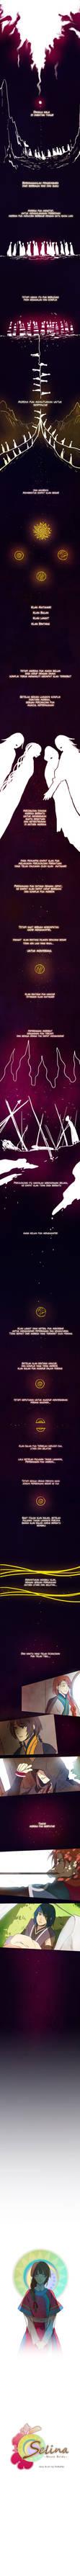 Selina ~Moon Bride~ PROLOGUE